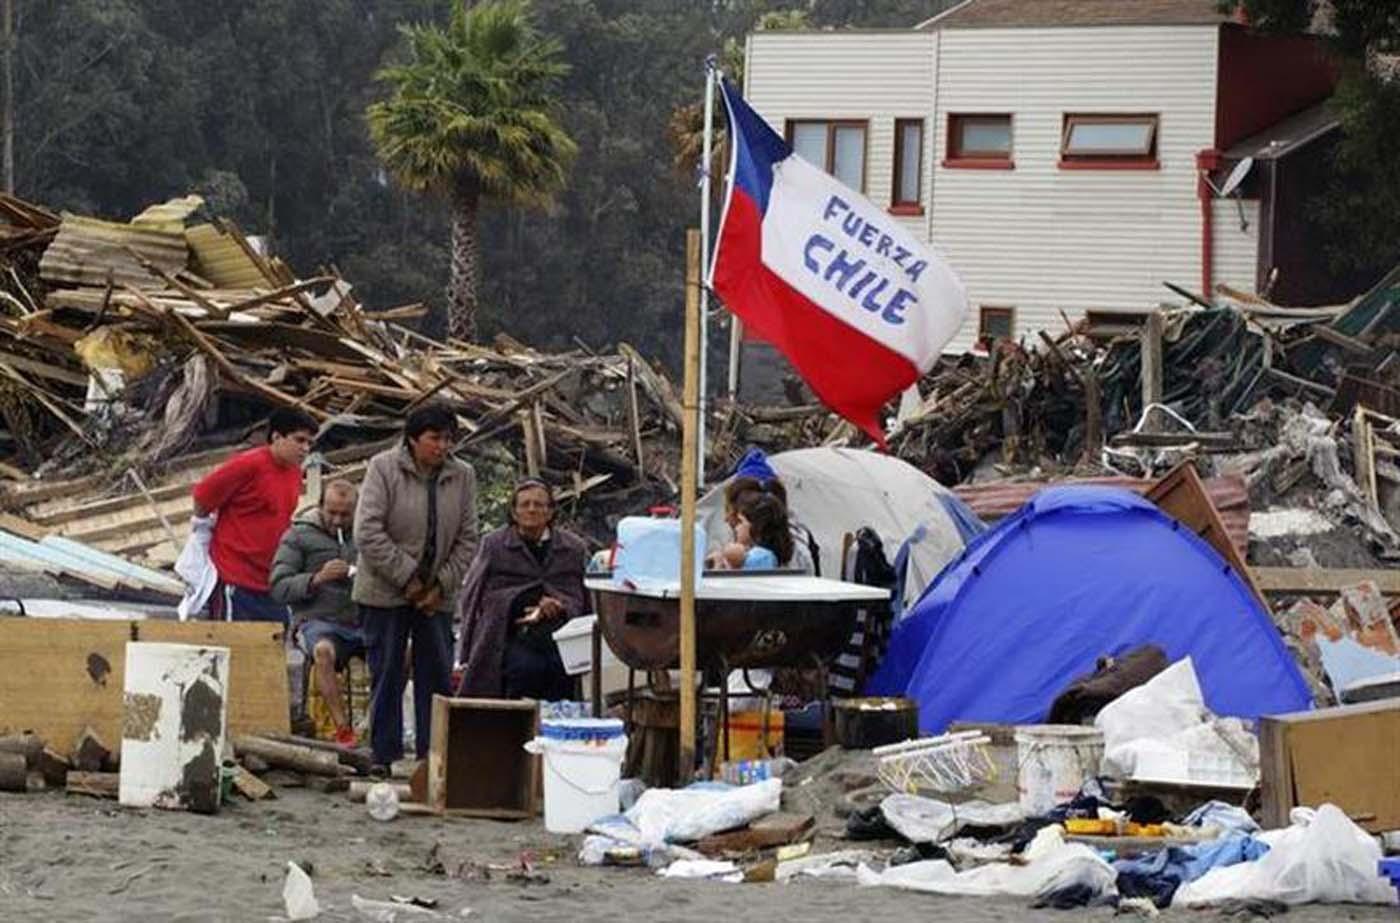 Misioneros mormones a salvo luego del terremoto en Chile